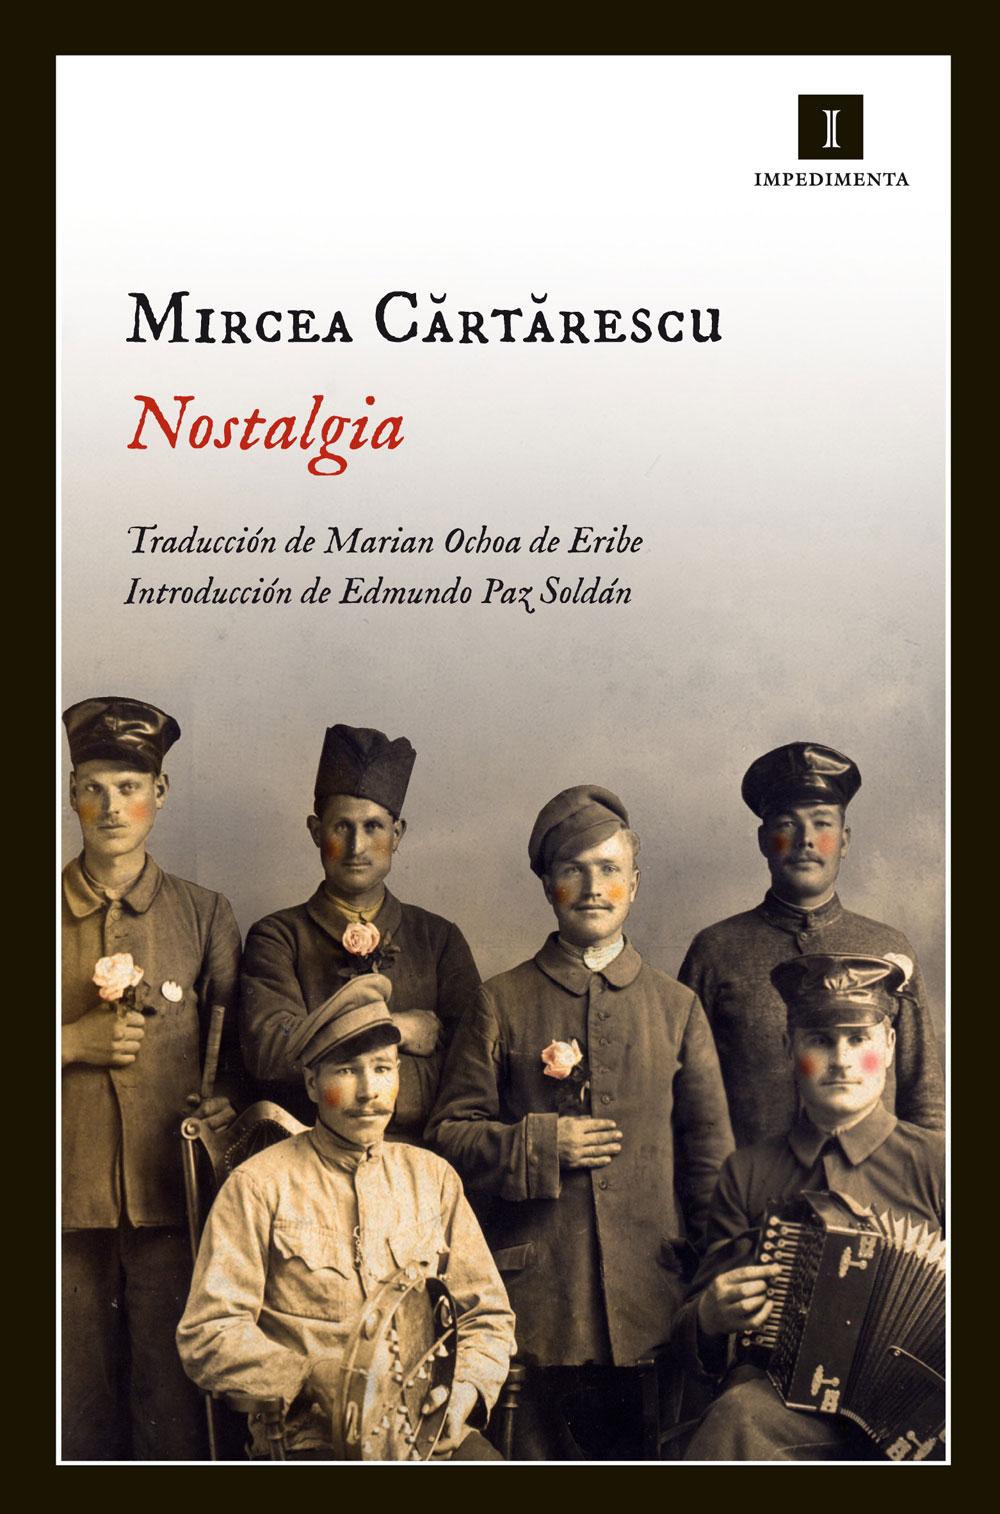 Mircea Cărtărescu a obținut premiul Tormenta pentru cea mai bună carte străină